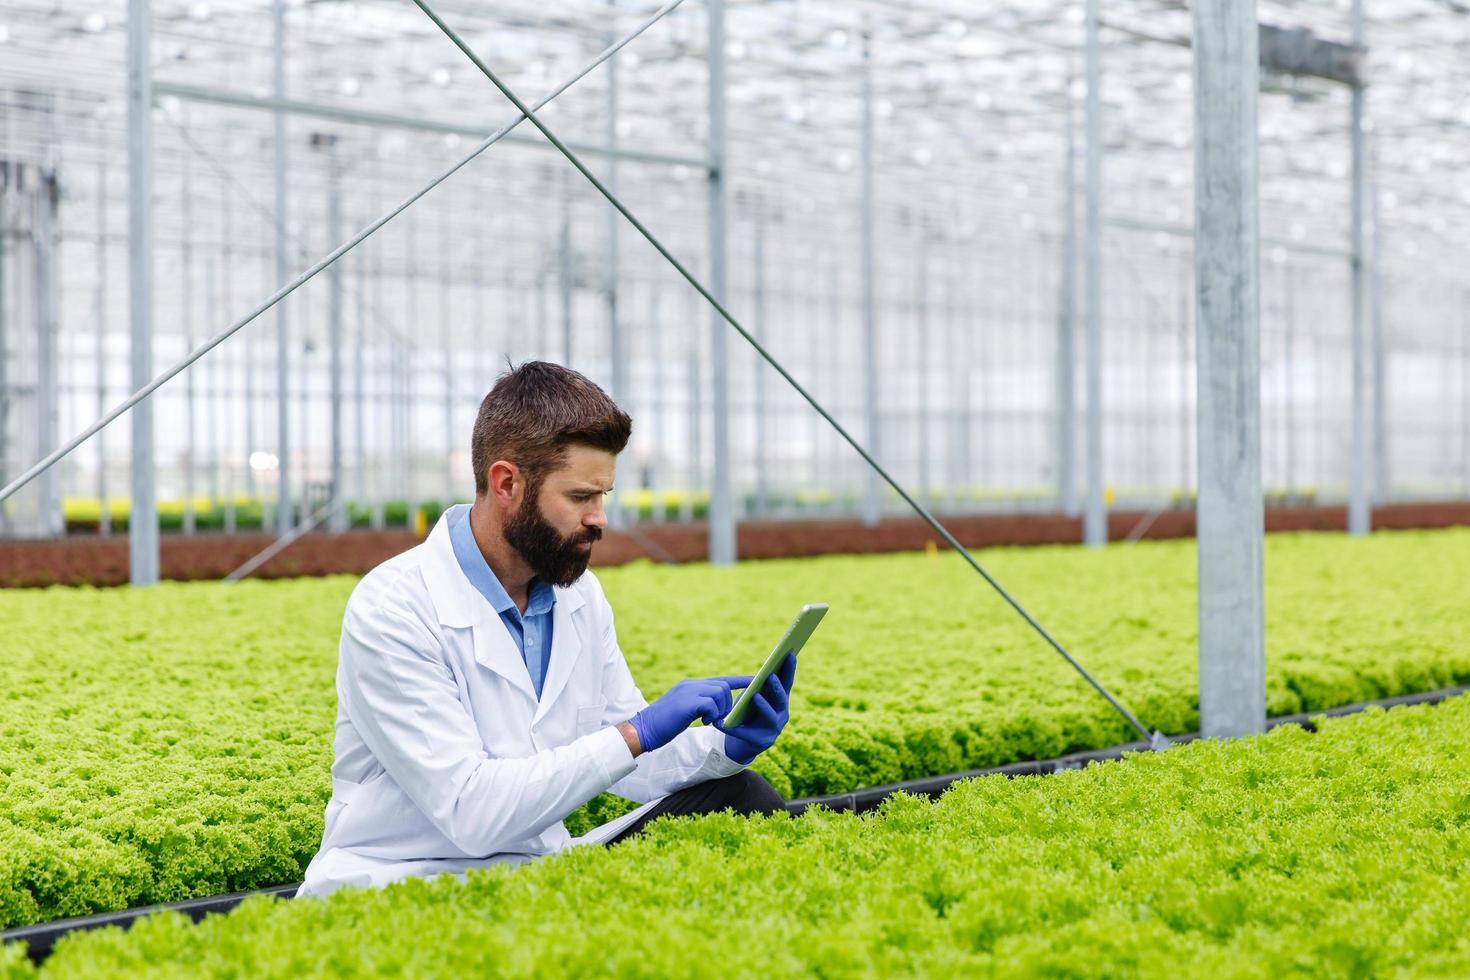 manlig forskare som studerar växter foto